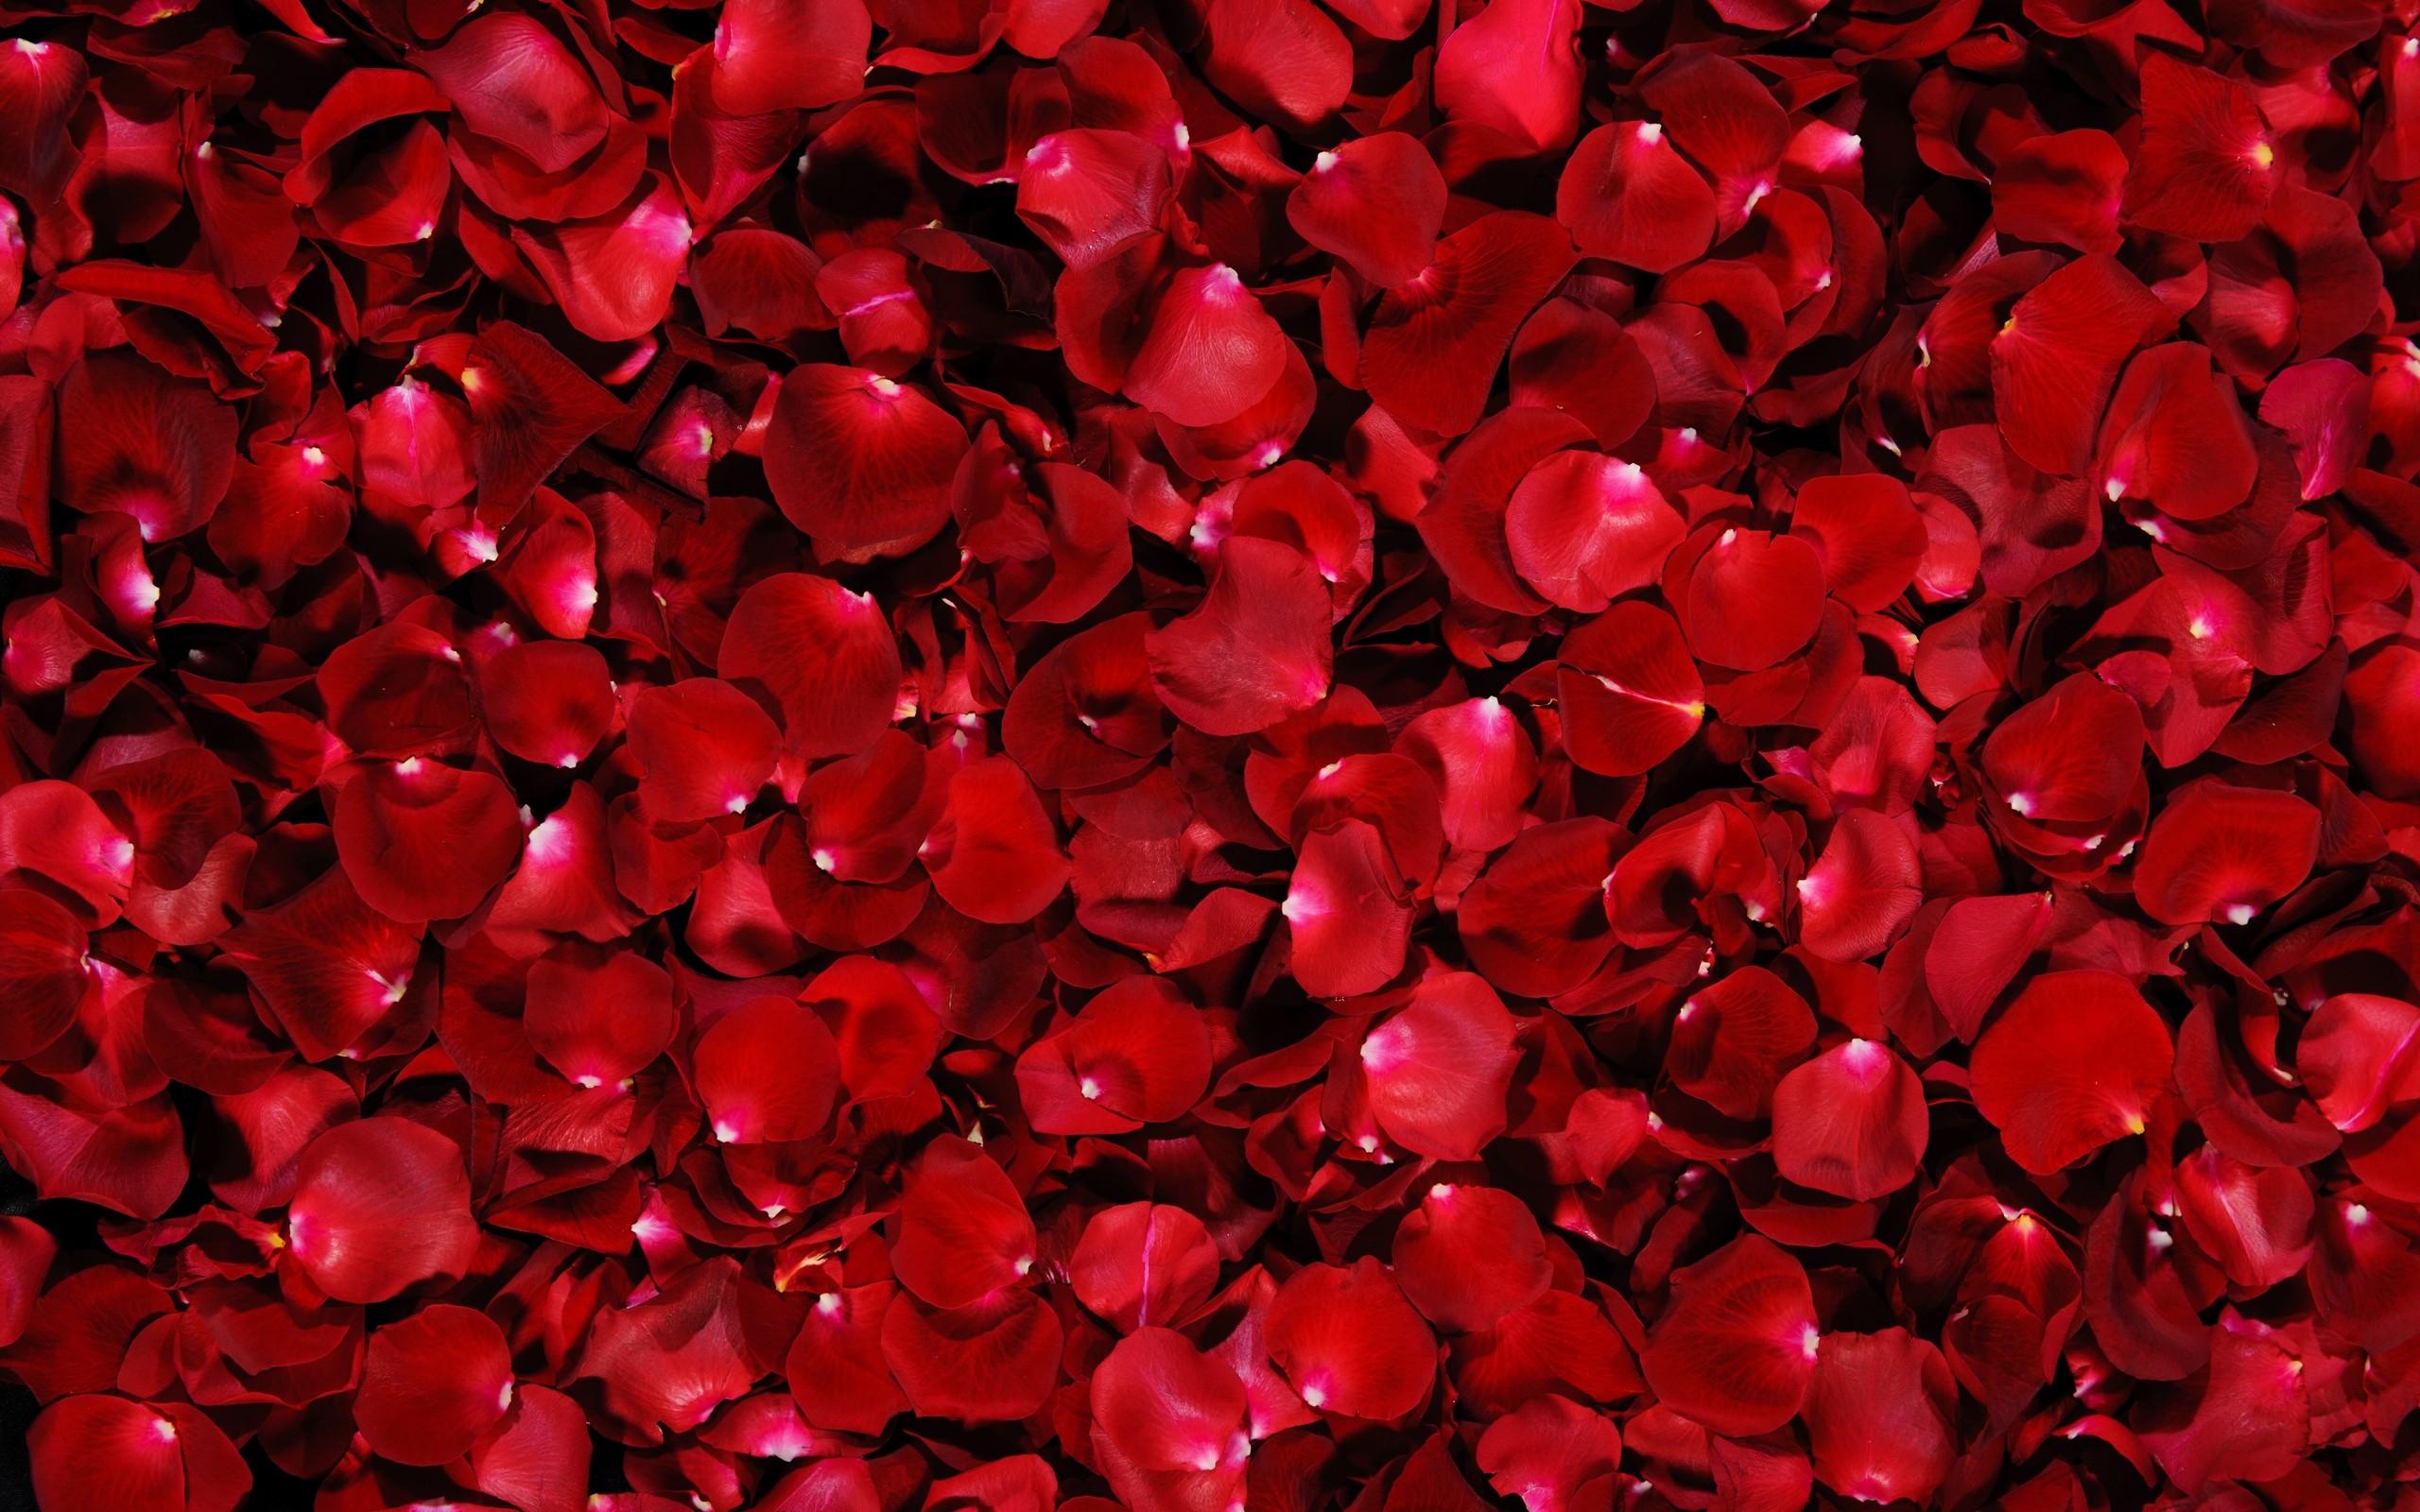 Hình ảnh những cánh hoa hồng đẹp